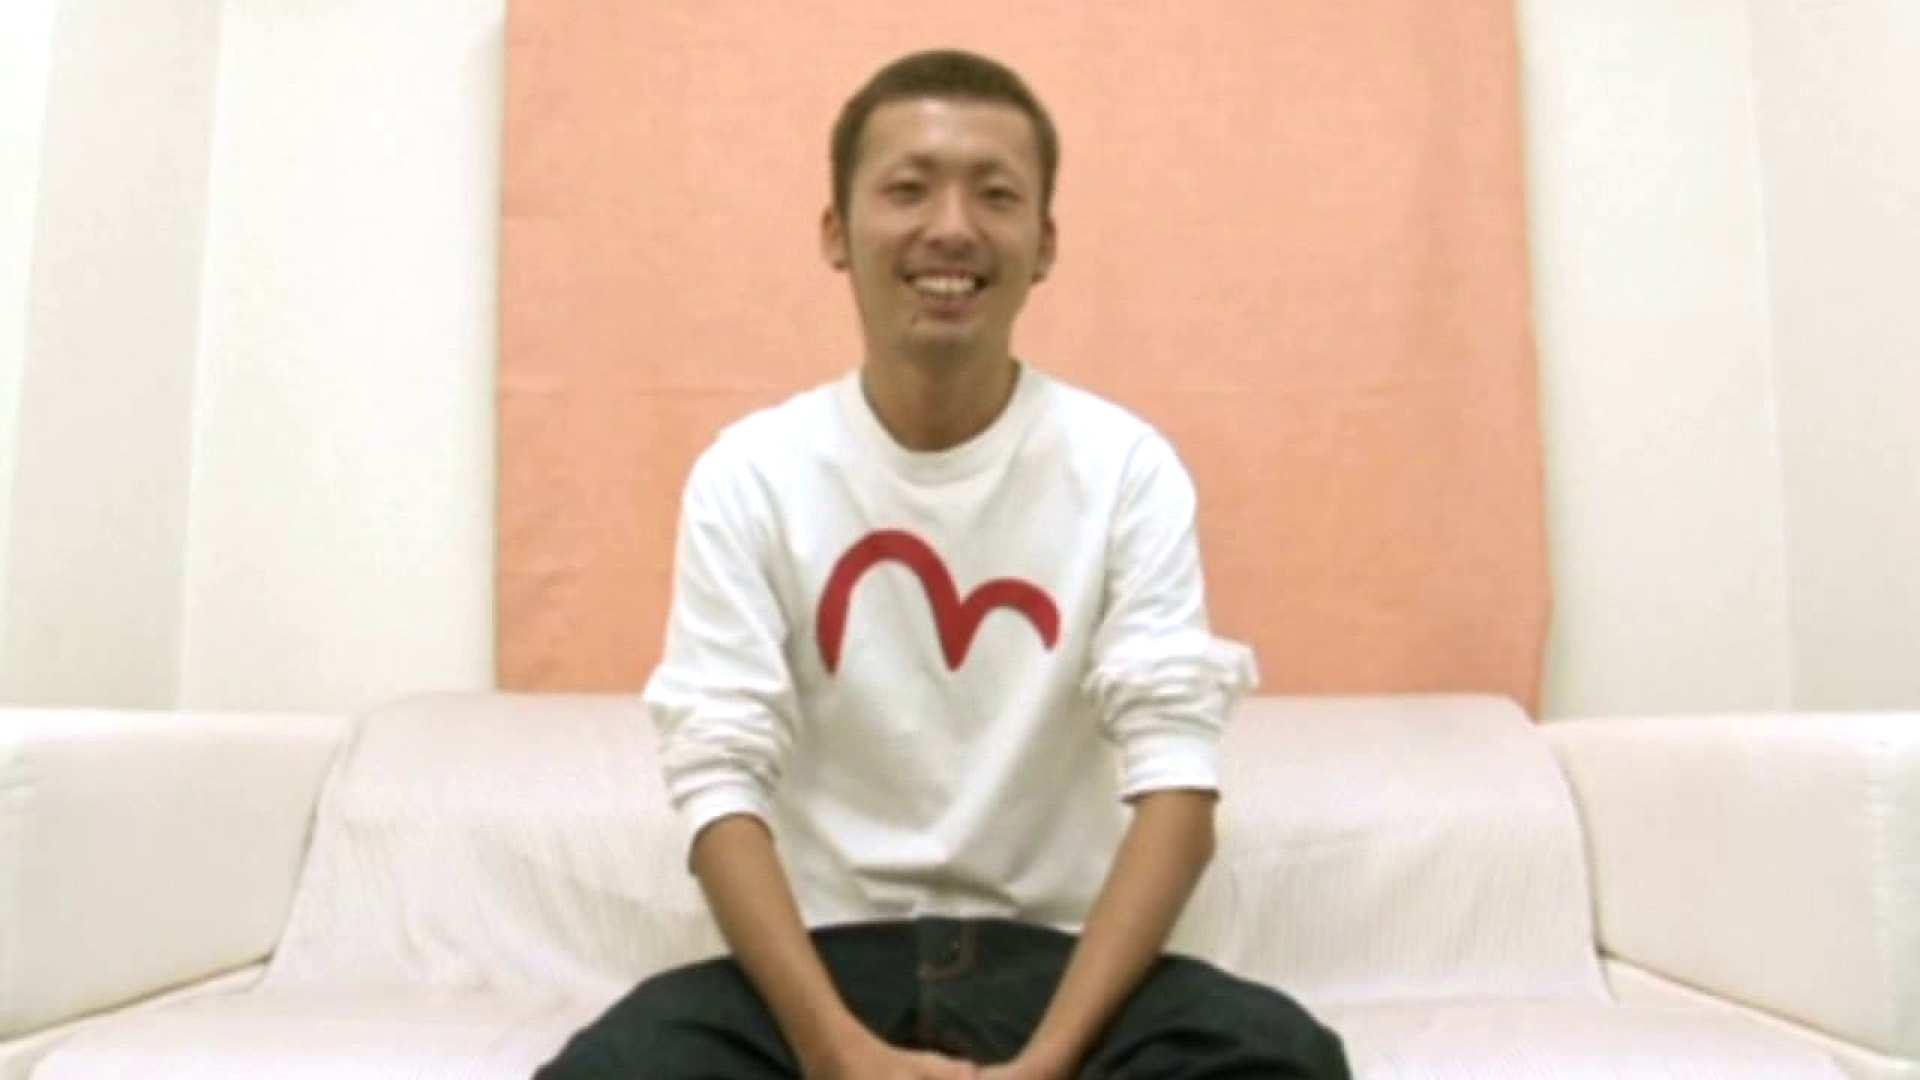 ノンケ!自慰スタジオ No.11 裸の男たち ゲイエロ画像 110枚 5